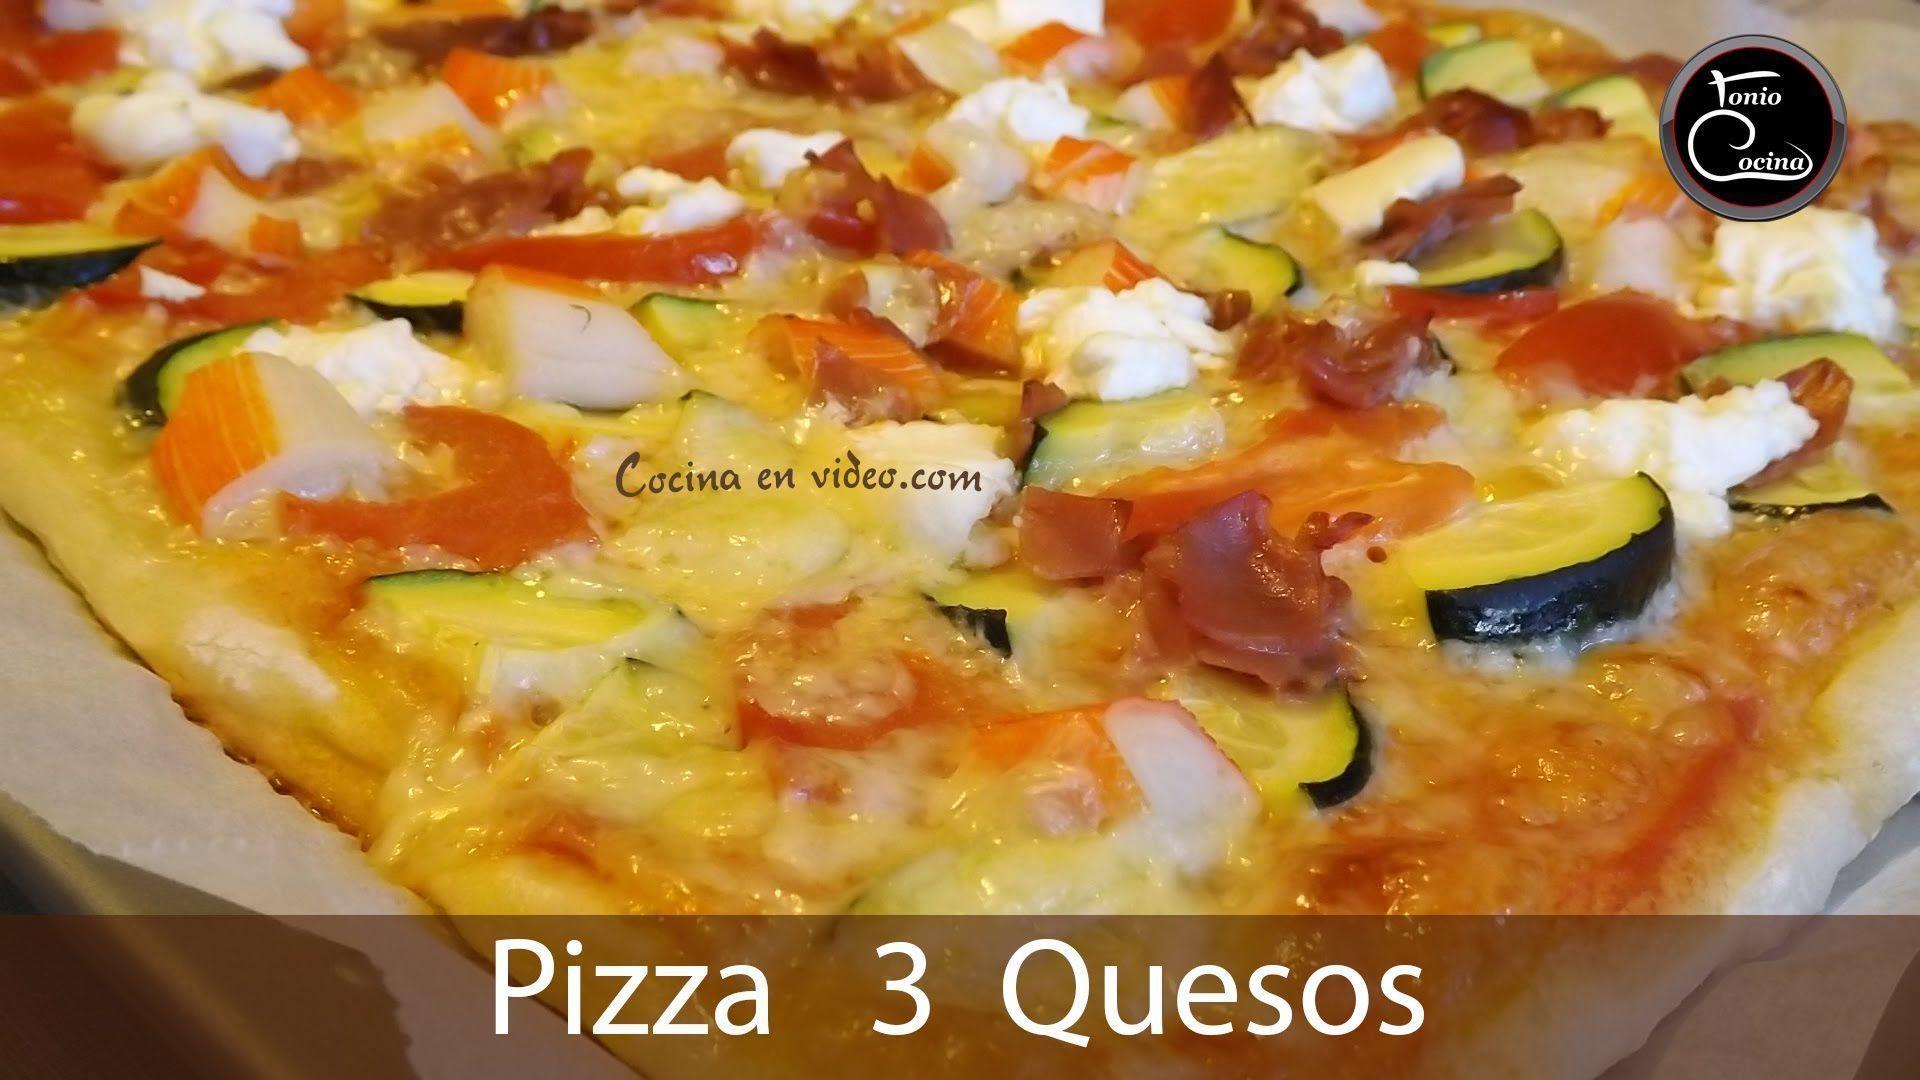 Pizza 3 quesos con masa casera for En 3 pizzas te olvido